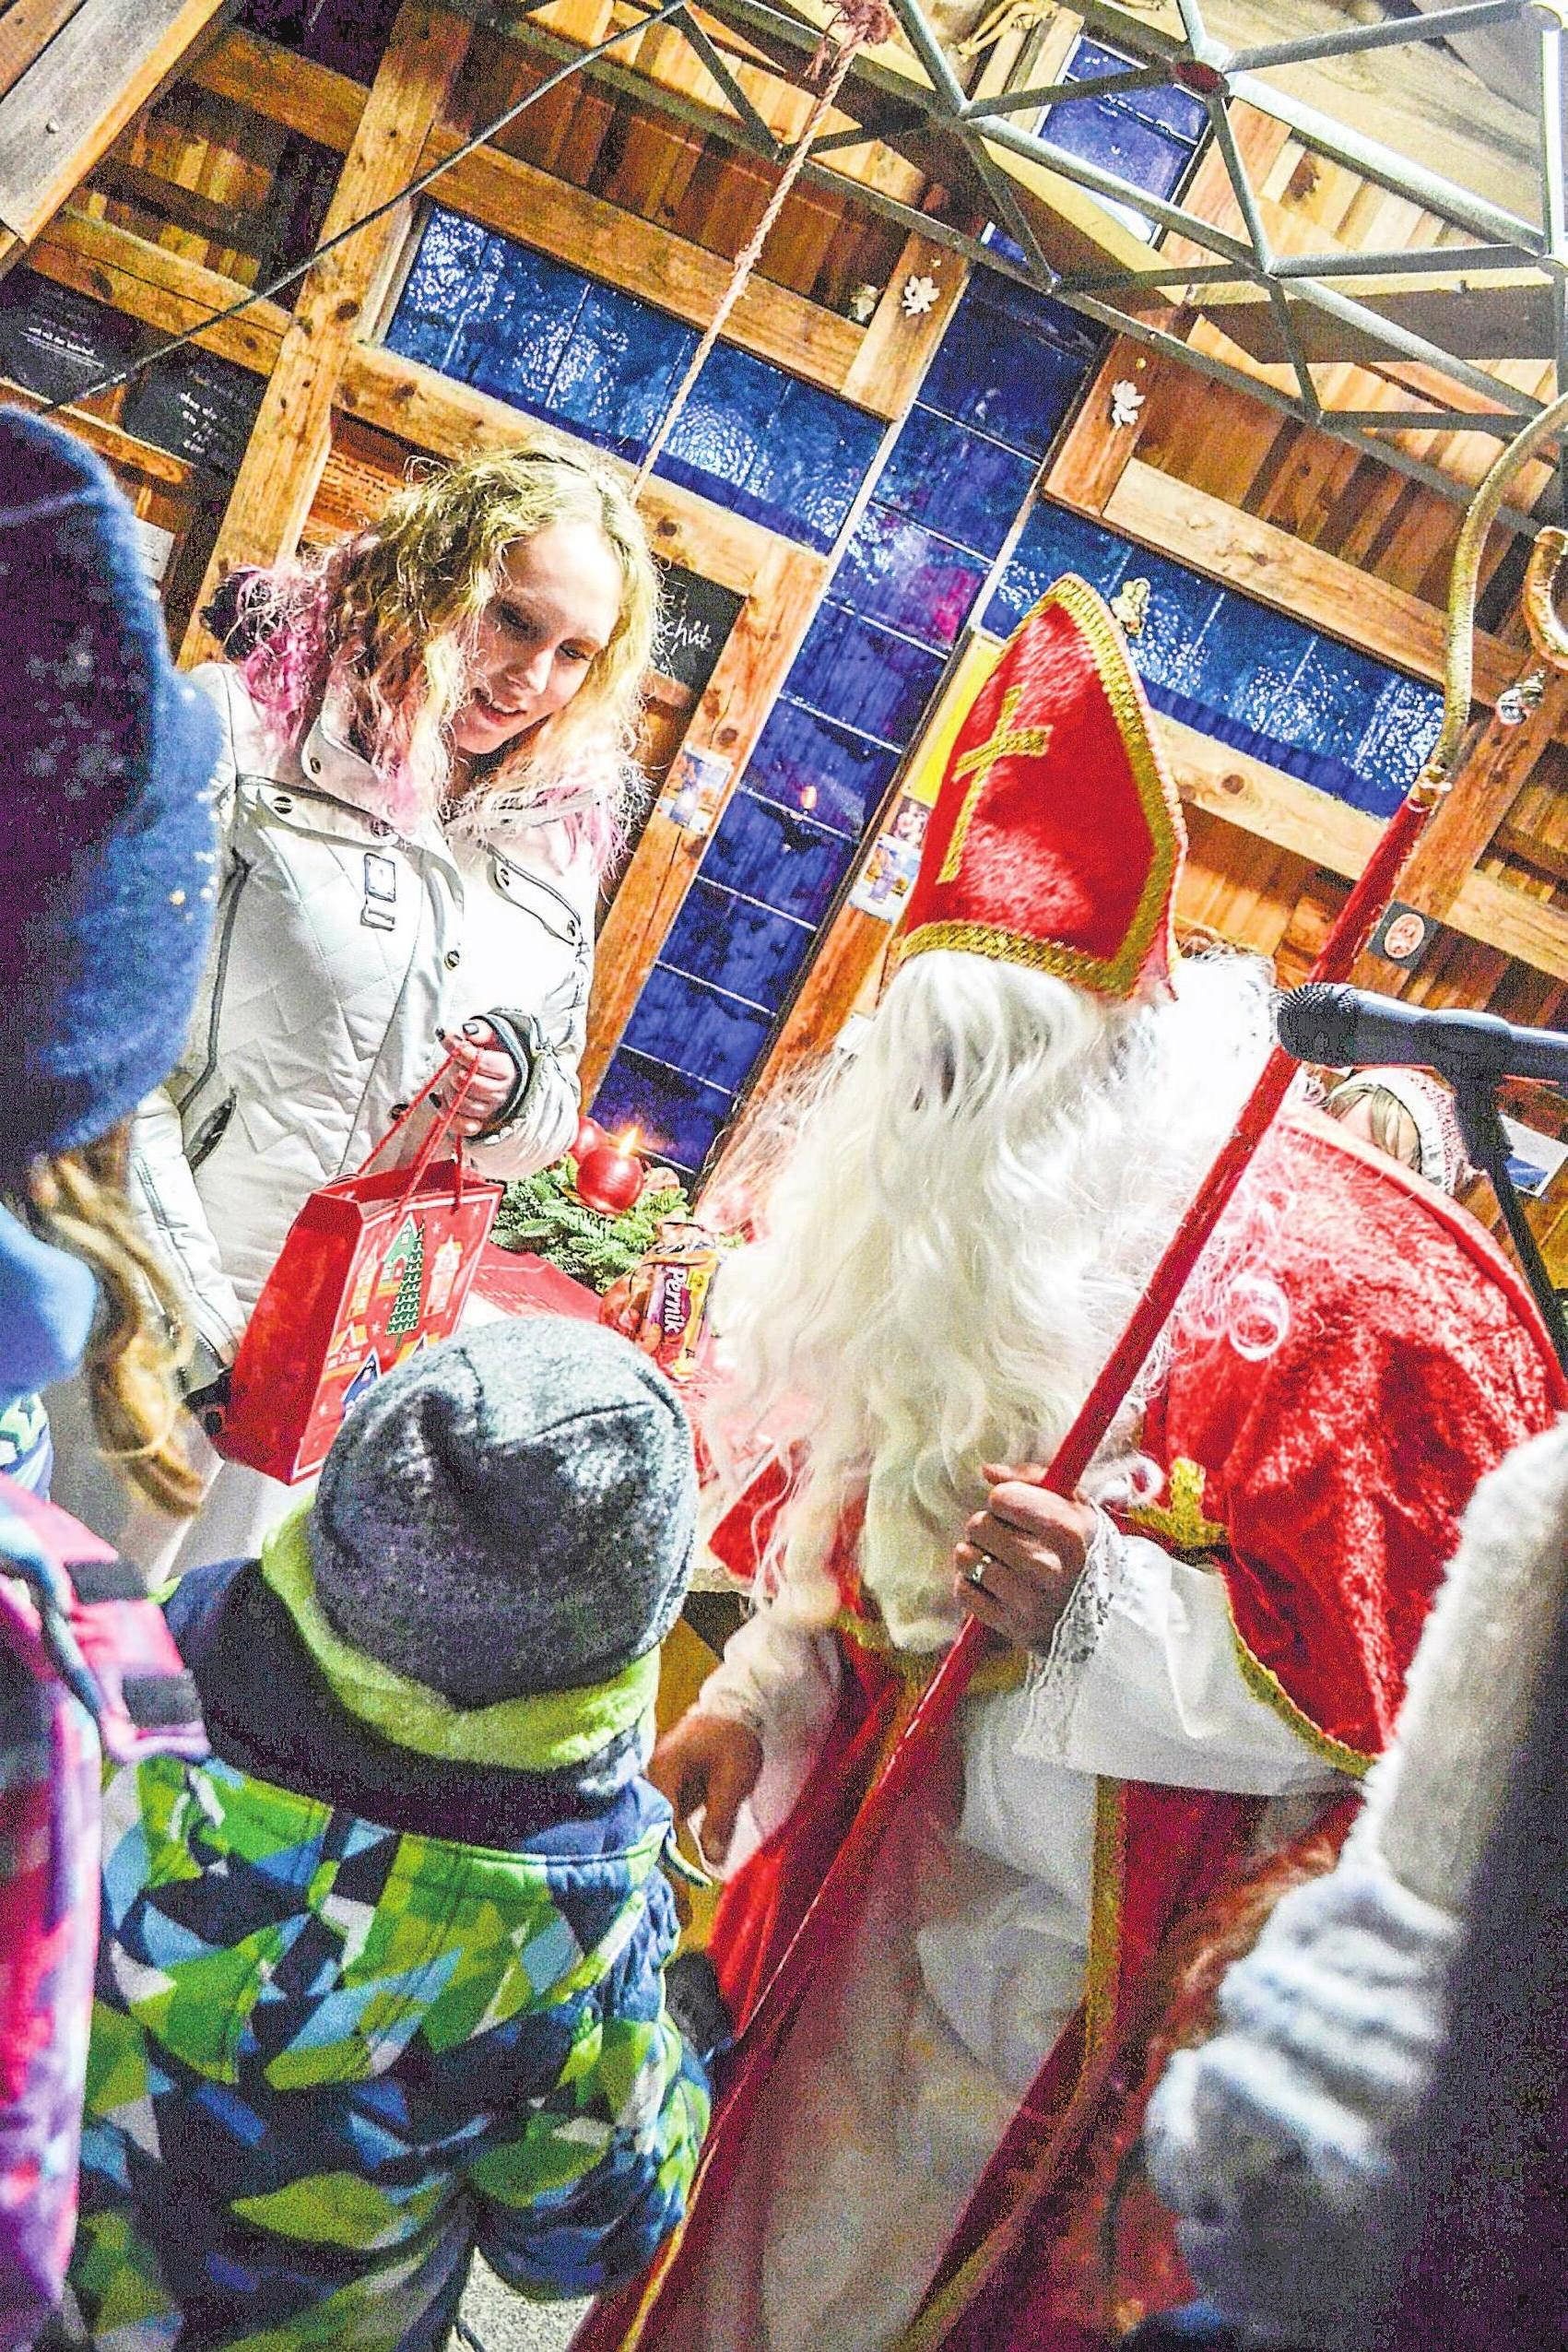 Zur Grenzweihnacht am Ackerl beschenkt der Nikolaus die Kinder aus Bayern und Böhmen. Fotos: Silke Meier